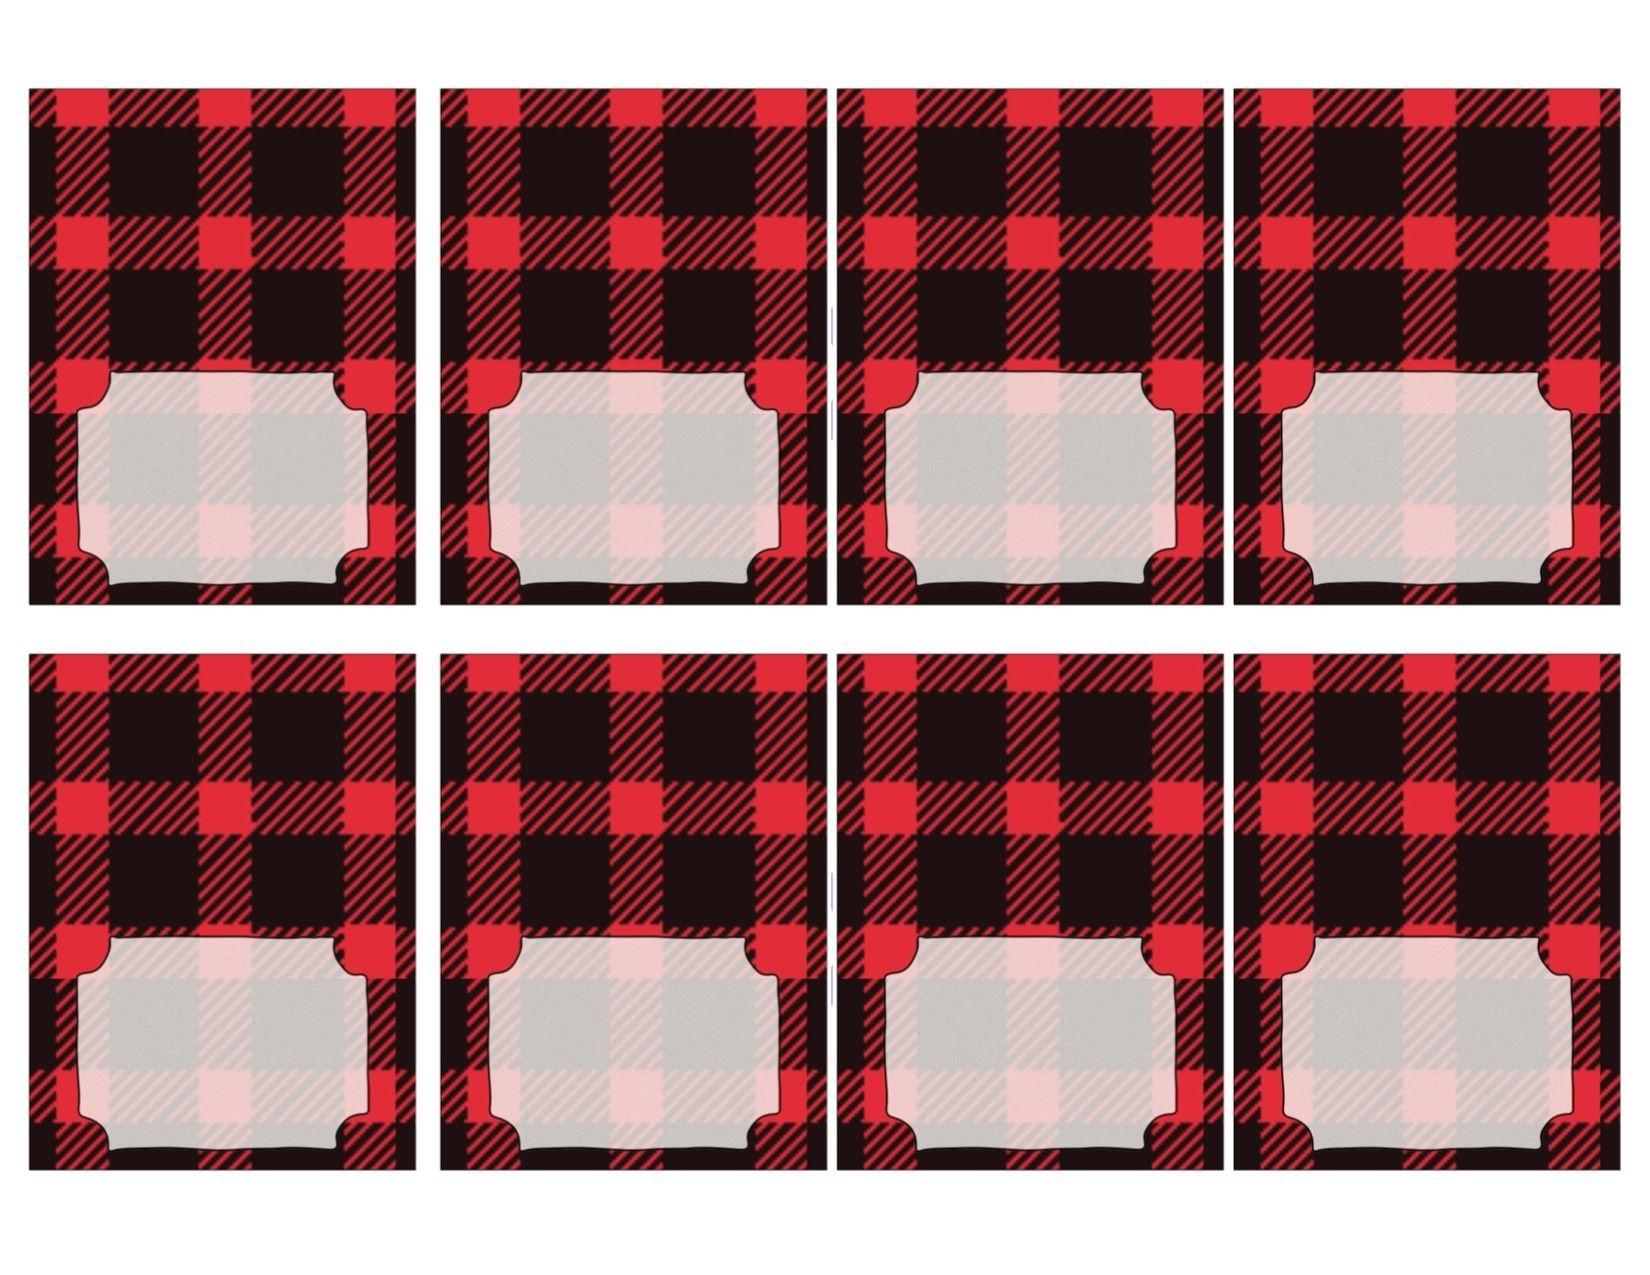 Lumberjack Food Labels Free Printable | Owens First Birthday - Lumberjack Printables Free